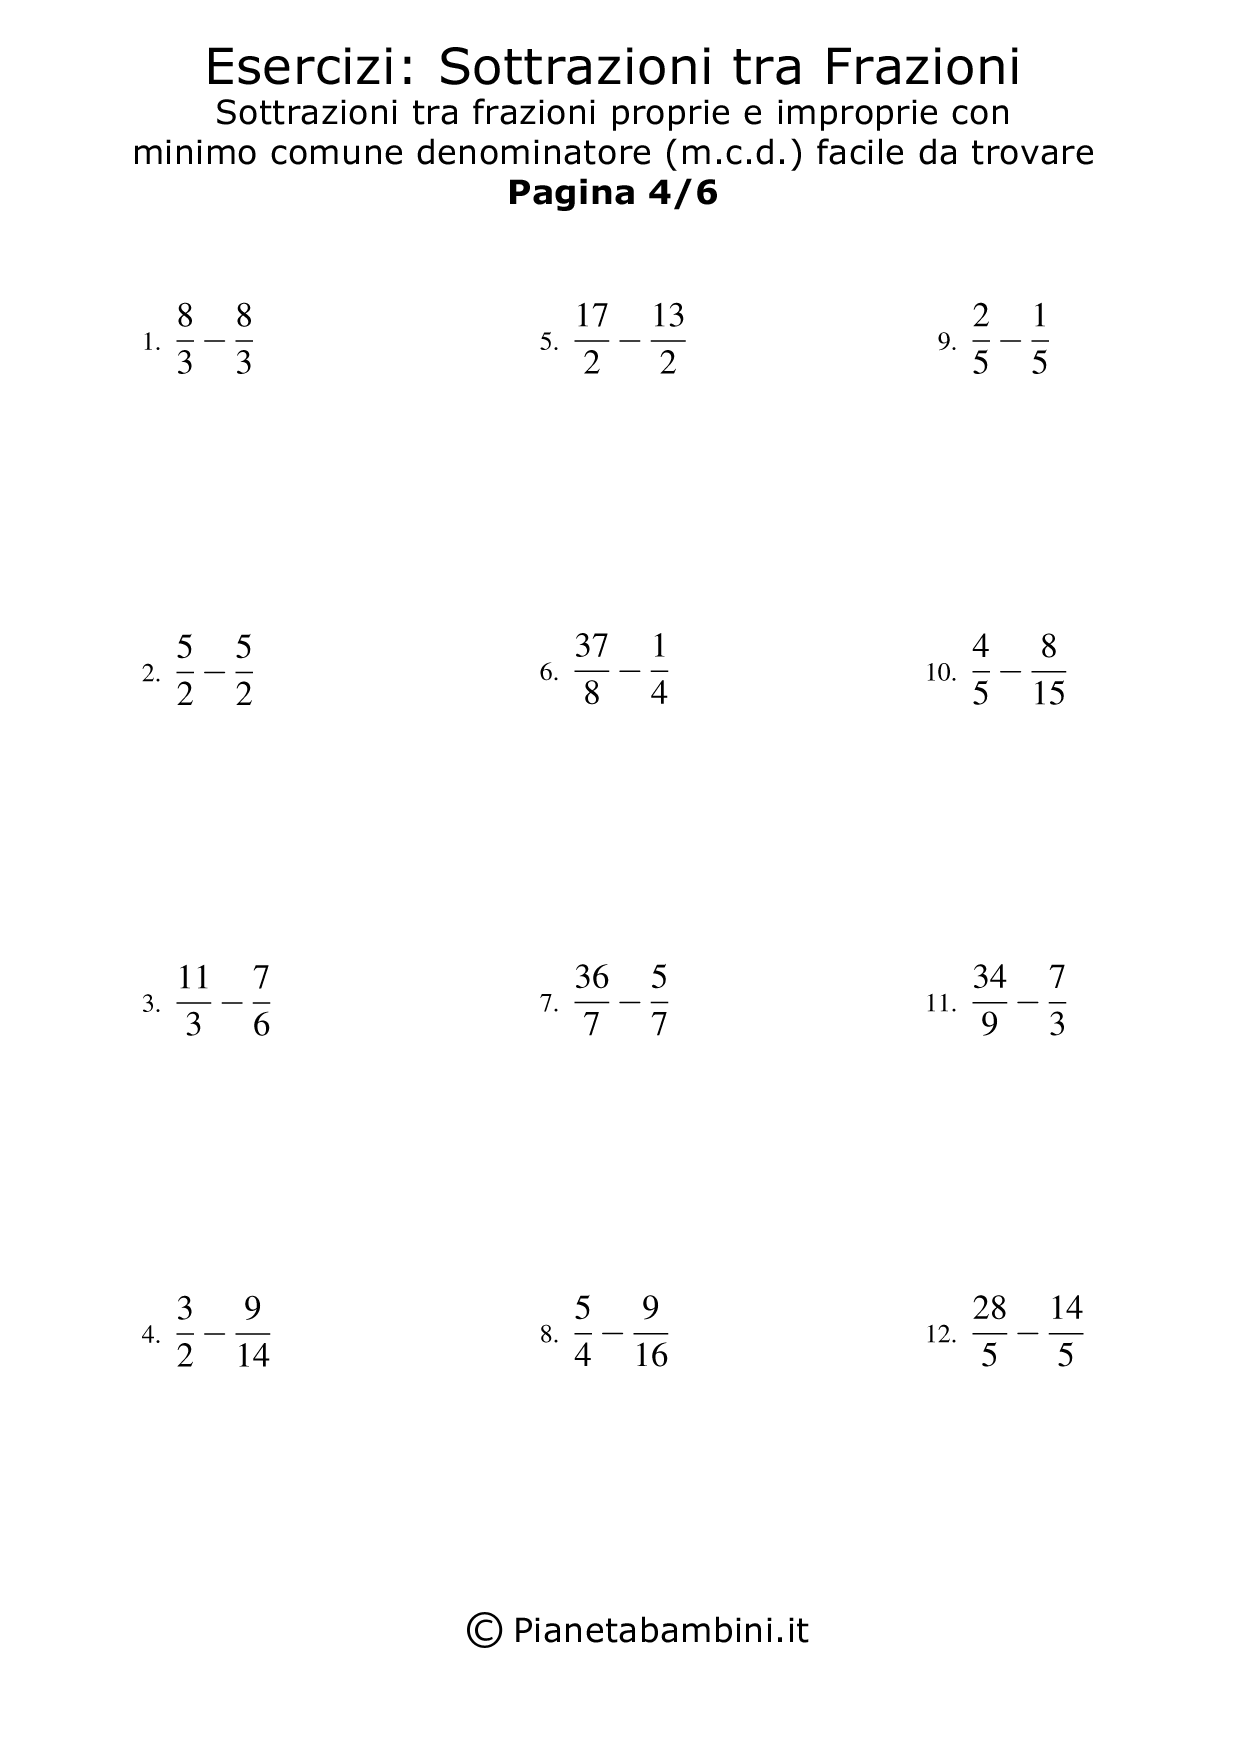 Sottrazioni-Frazioni-m.c.d.-Facile_4